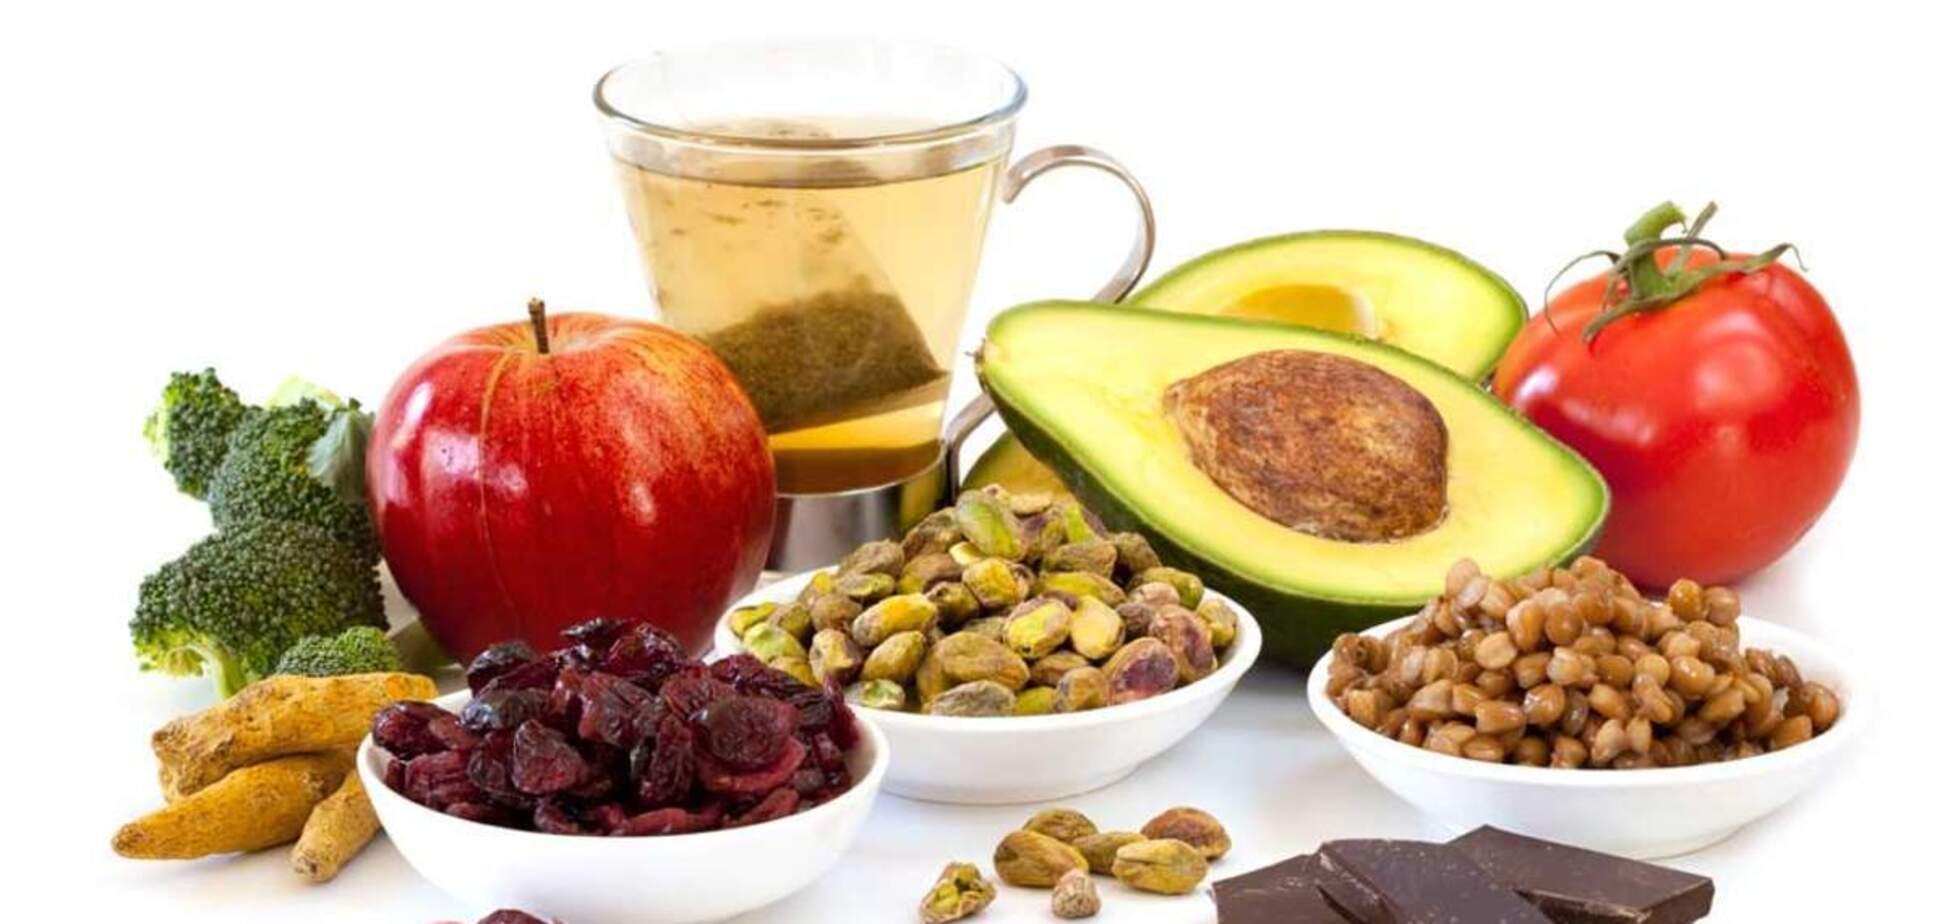 Природні антиоксиданти в боротьбі зі старінням